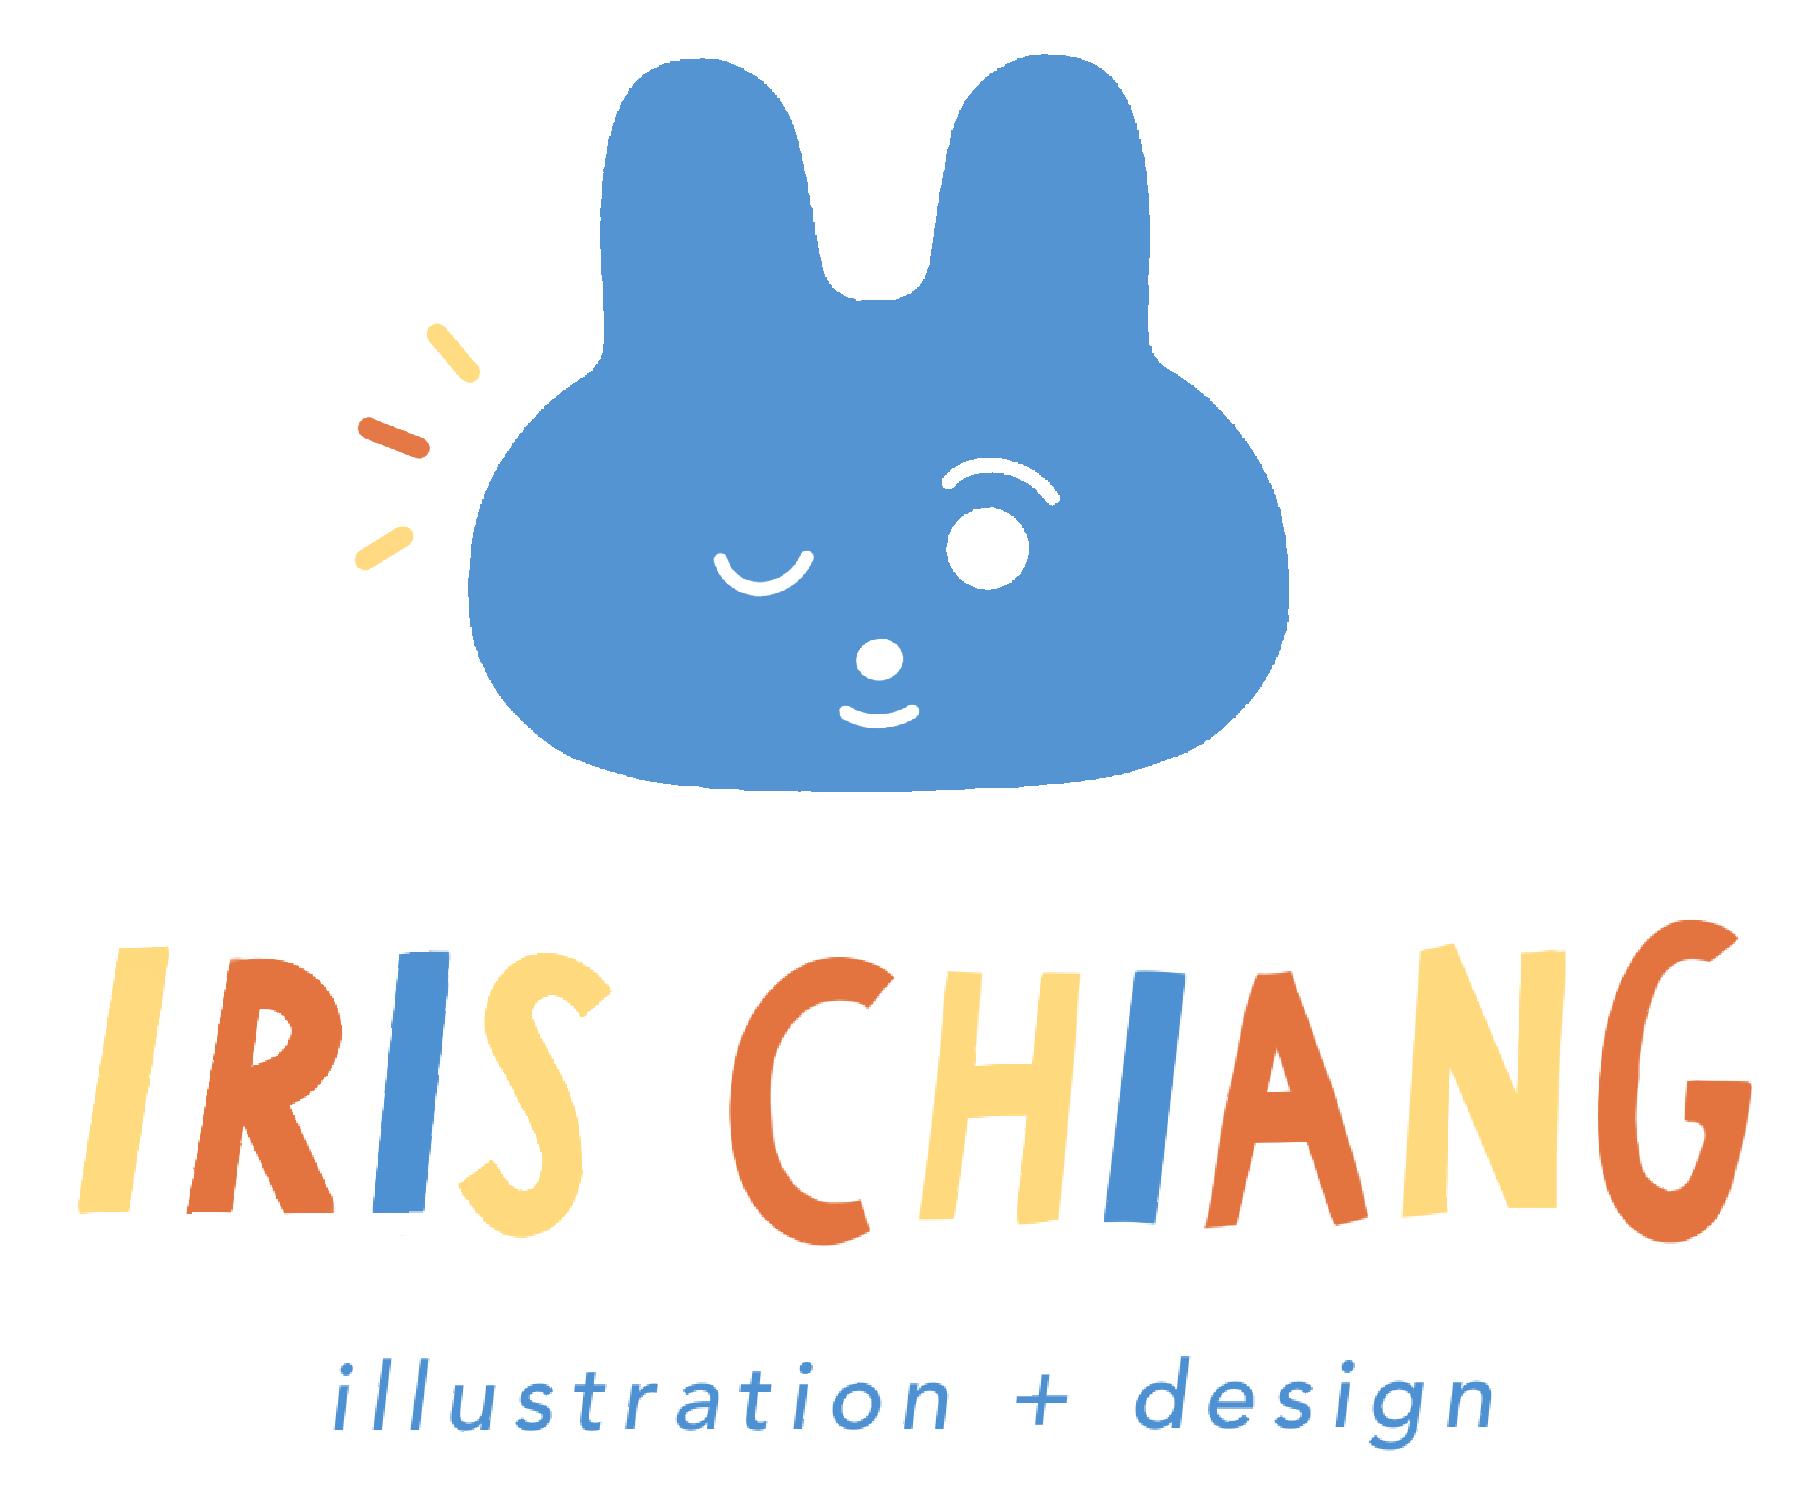 Iris Chiang